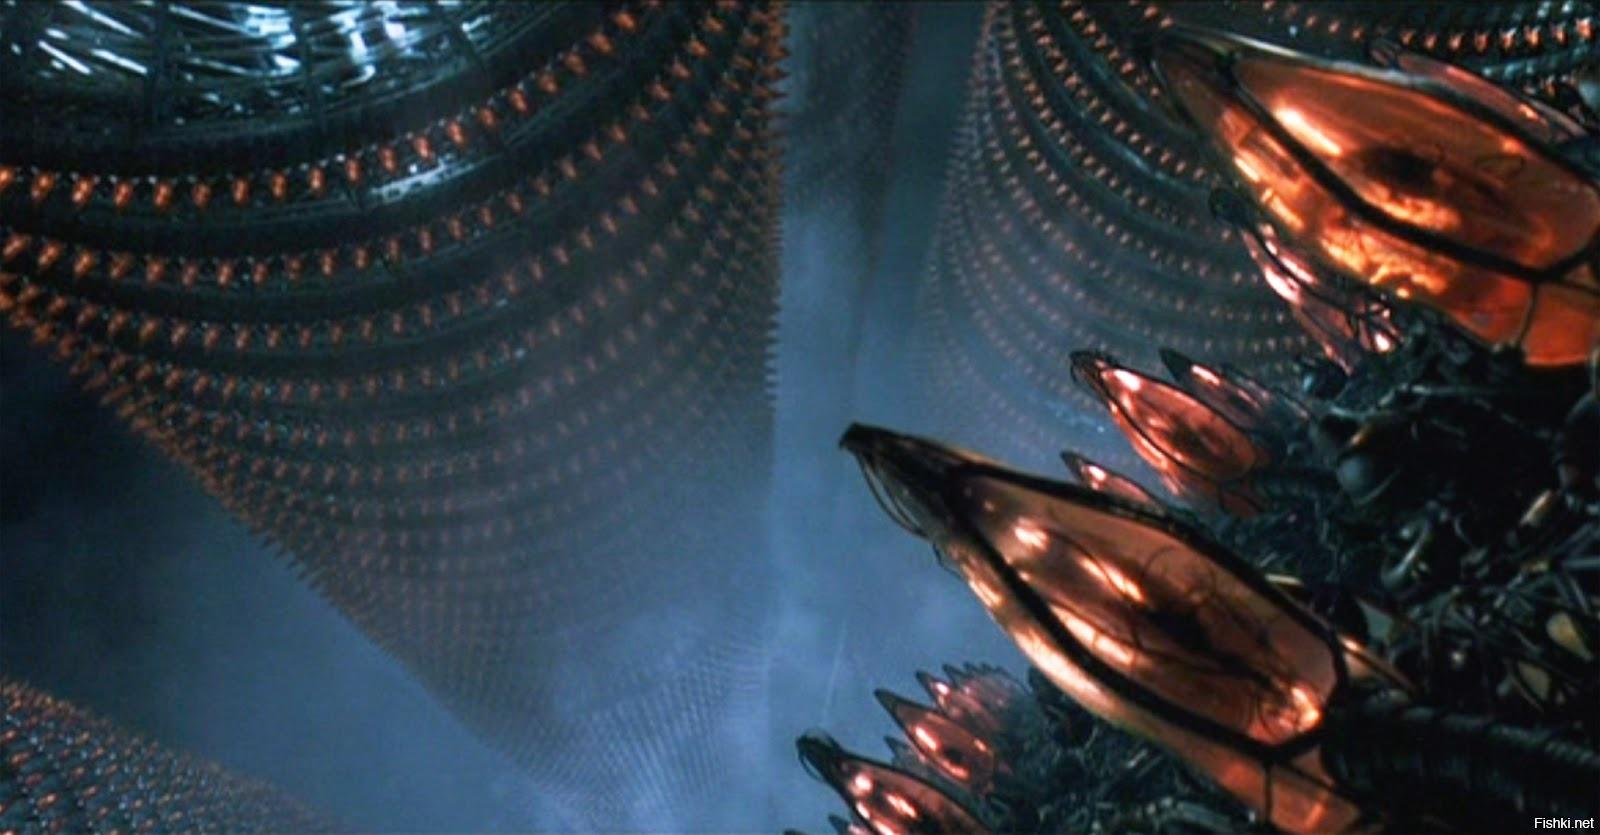 Кадр из фильма «Матрица» (The Matrix, 1999, США).